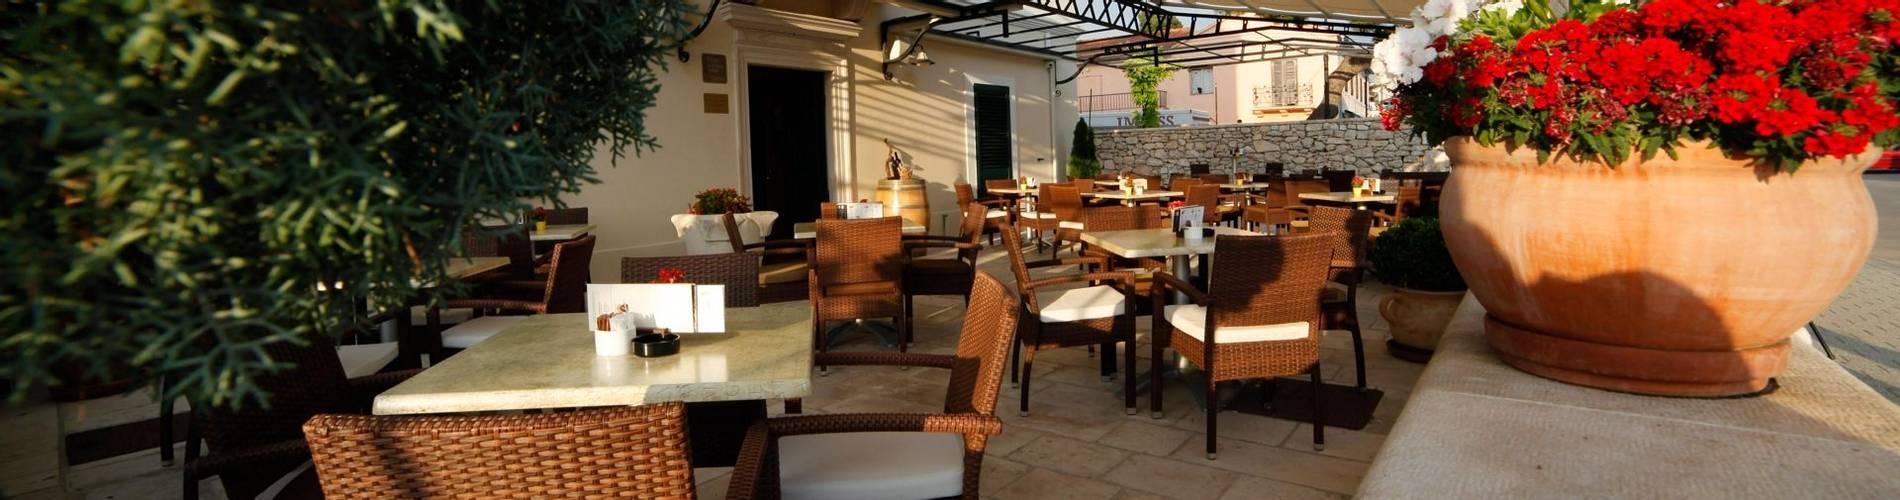 Tisno-sun-terrace.jpg